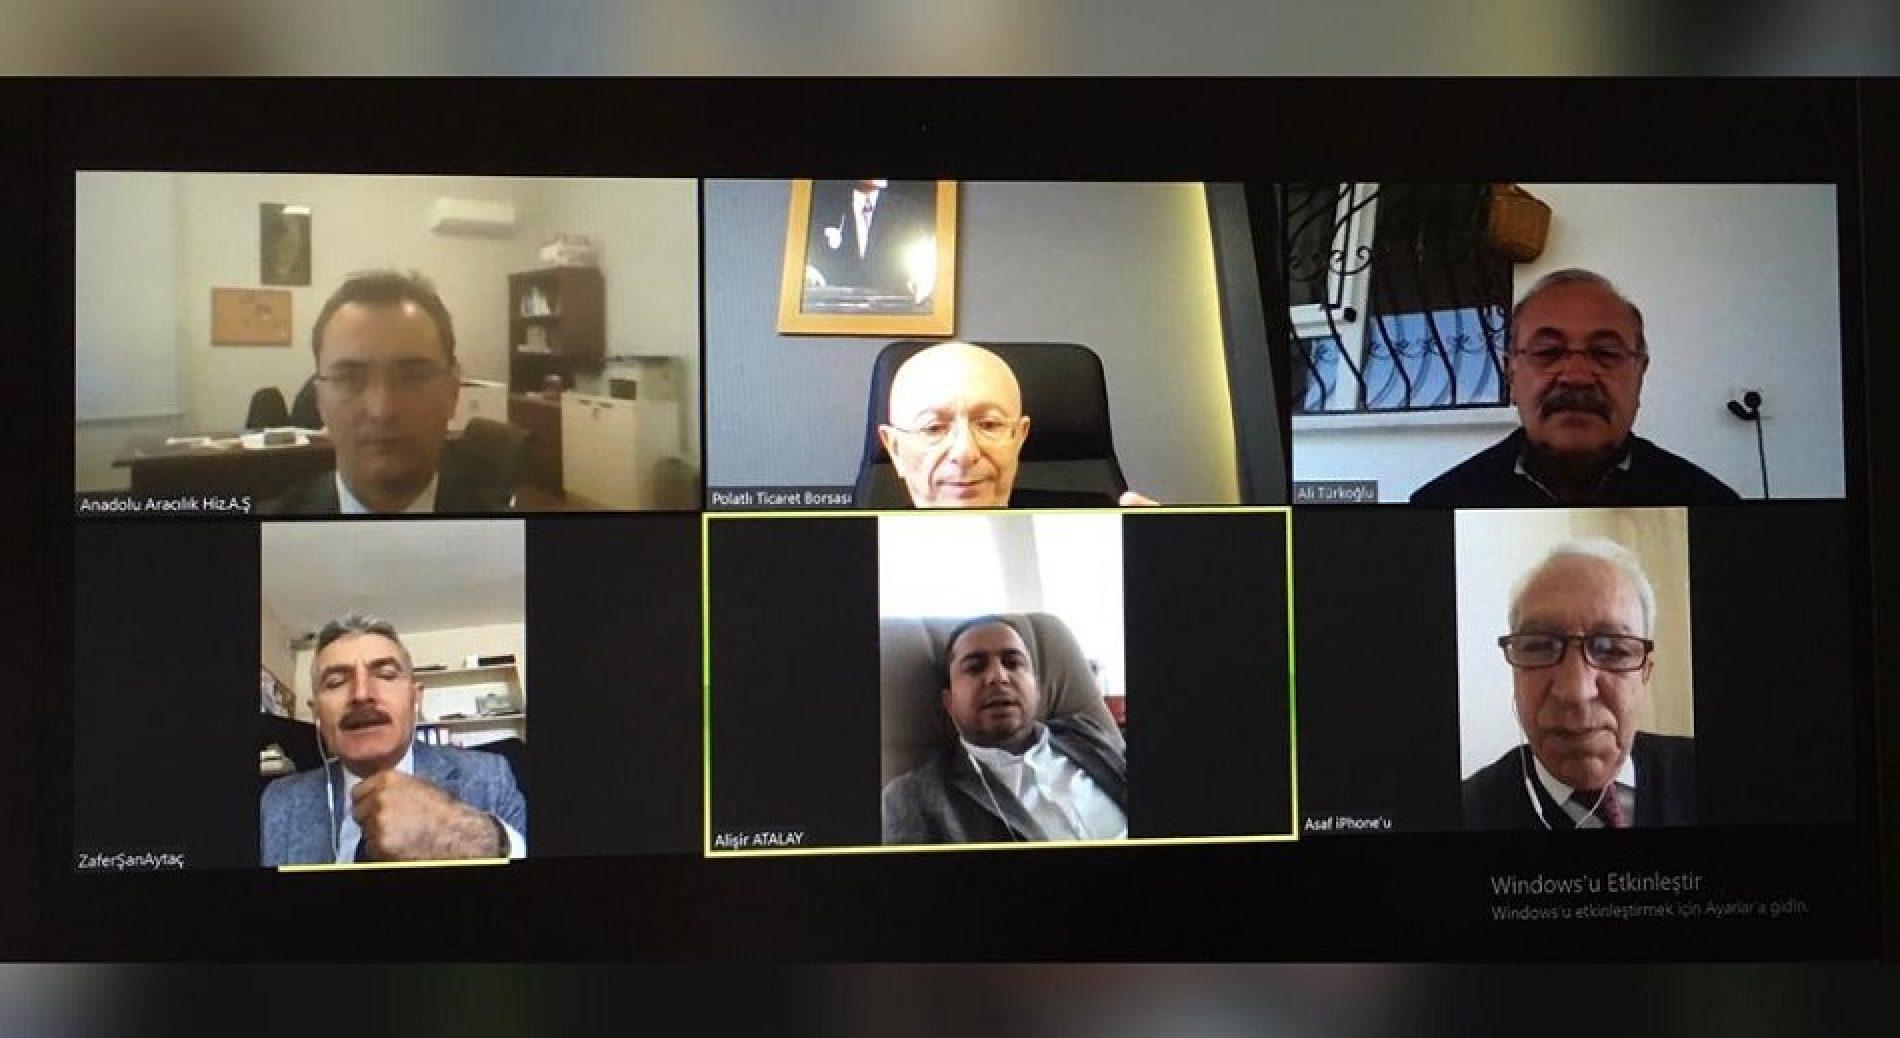 """Anadolu Aracılık Hizmetleri A.Ş Yönetim Kurulu Toplantısı """"Video Konferans Yöntemi"""" ile Gerçekleştirildi…"""